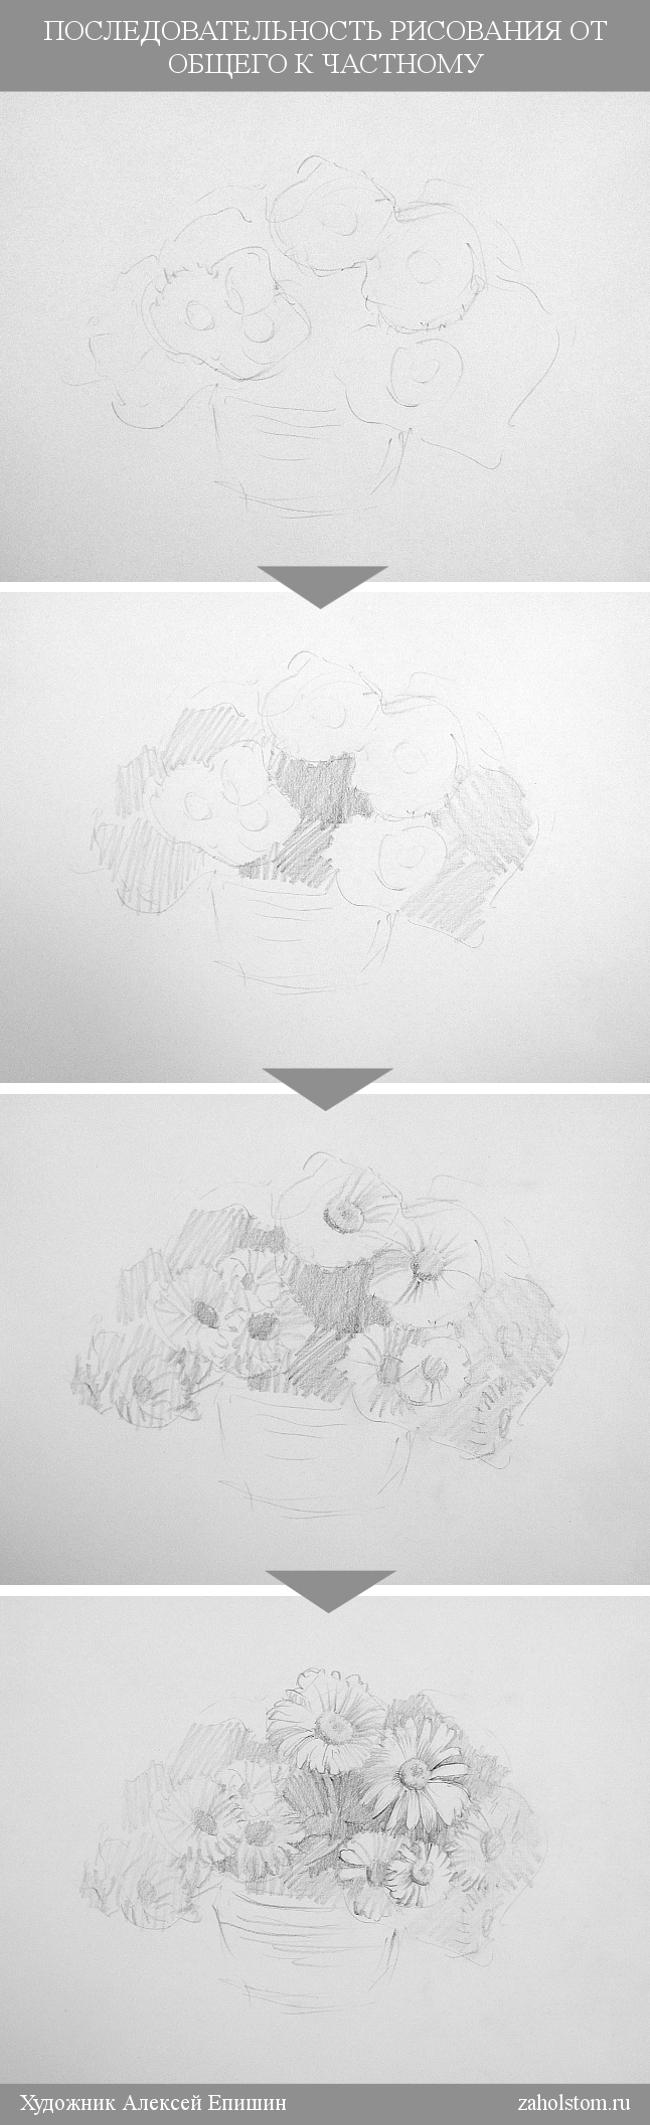 002 Последовательность рисования от общего к частному